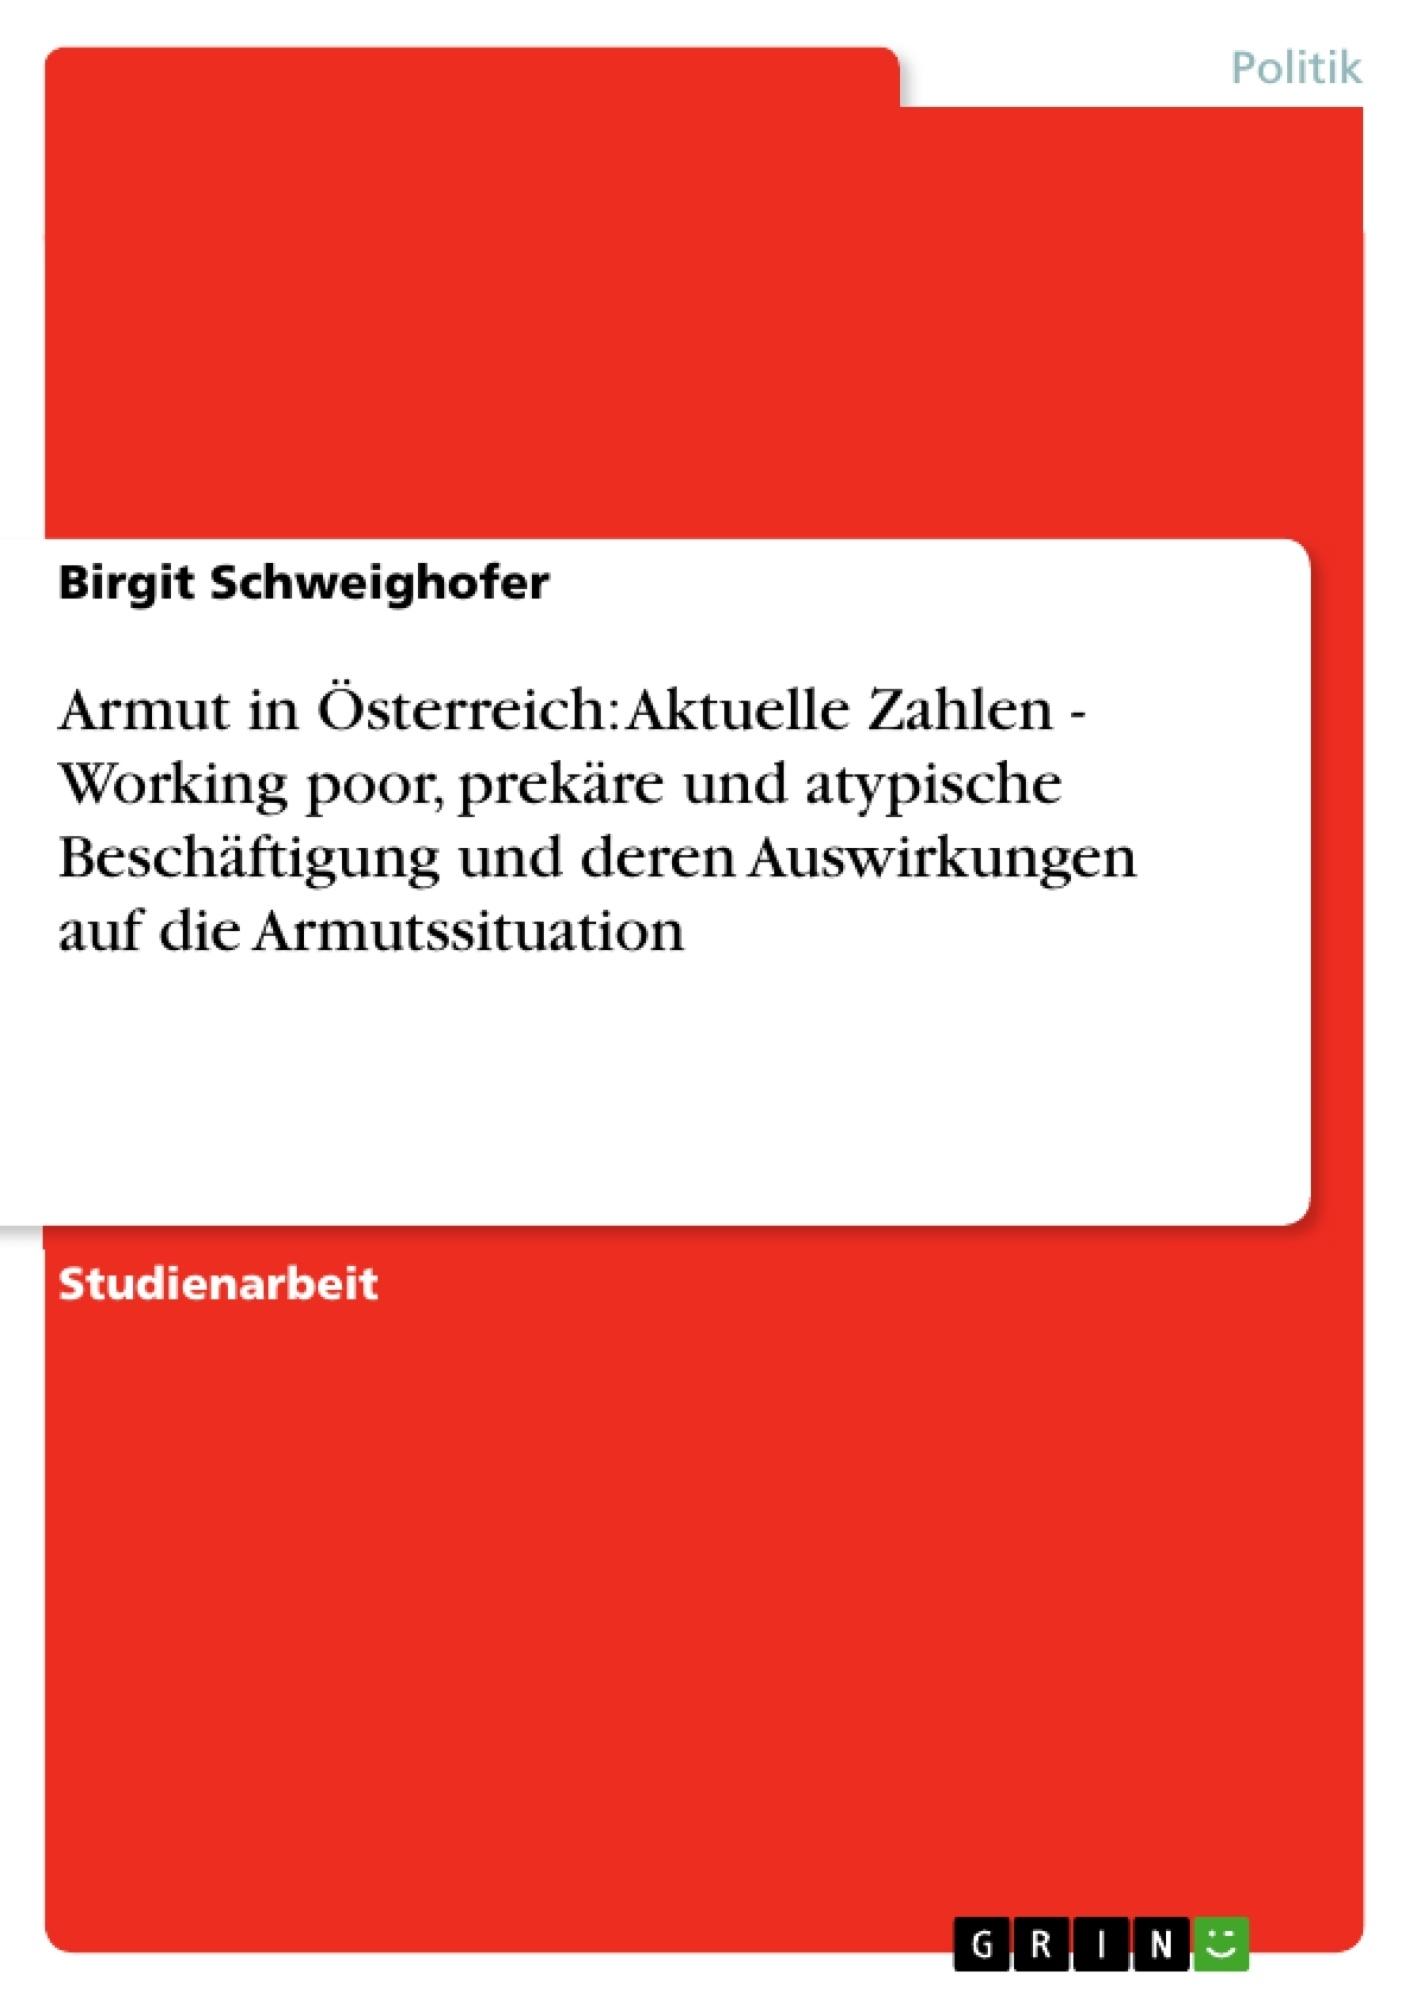 Titel: Armut in Österreich: Aktuelle Zahlen - Working poor, prekäre und atypische Beschäftigung und deren Auswirkungen auf die Armutssituation